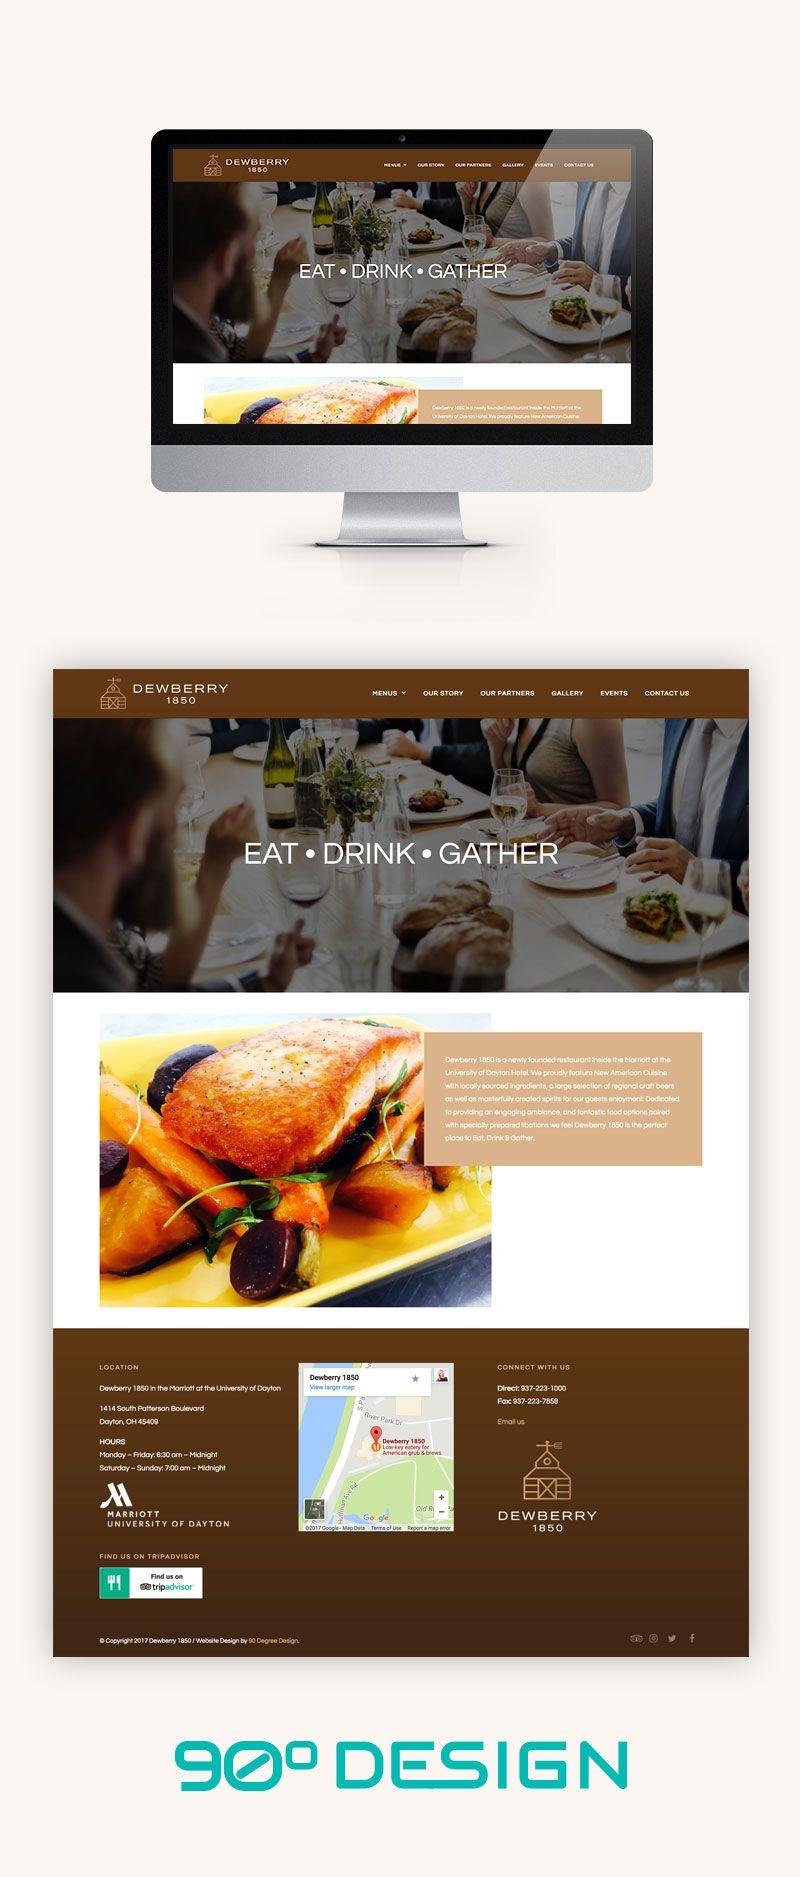 Raleigh Web Design Case Studies Web Design Portfolio Web Design Design Case